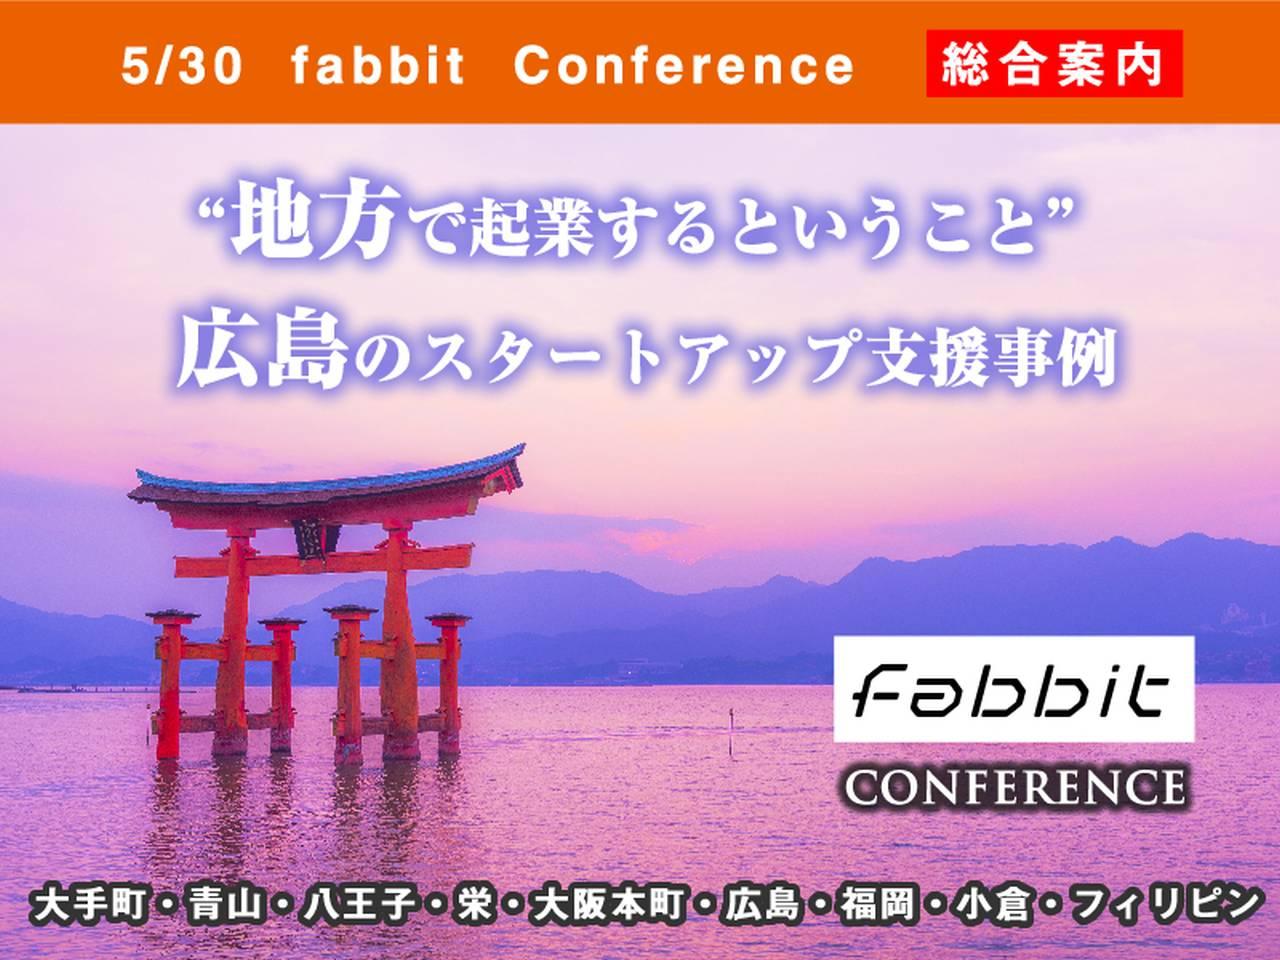 """fabbit Conference """"地方で起業するということ""""ー広島のスタートアップ支援事例ーメイン画像"""